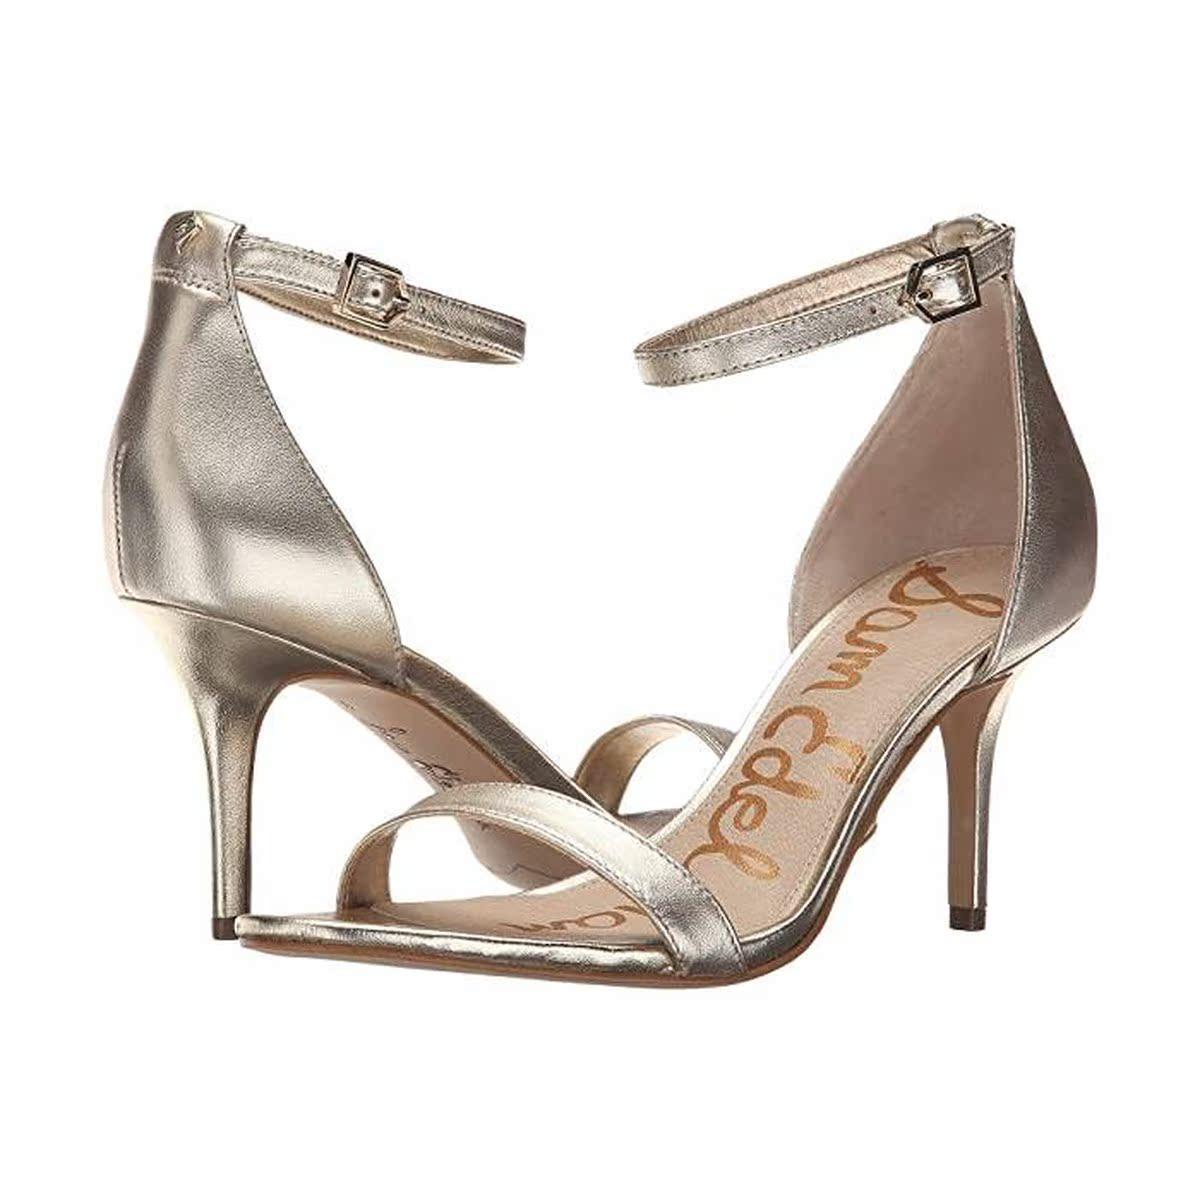 代购Sam Edelman/山姆爱德曼女Patti 踝带高跟凉鞋时装凉鞋ins潮